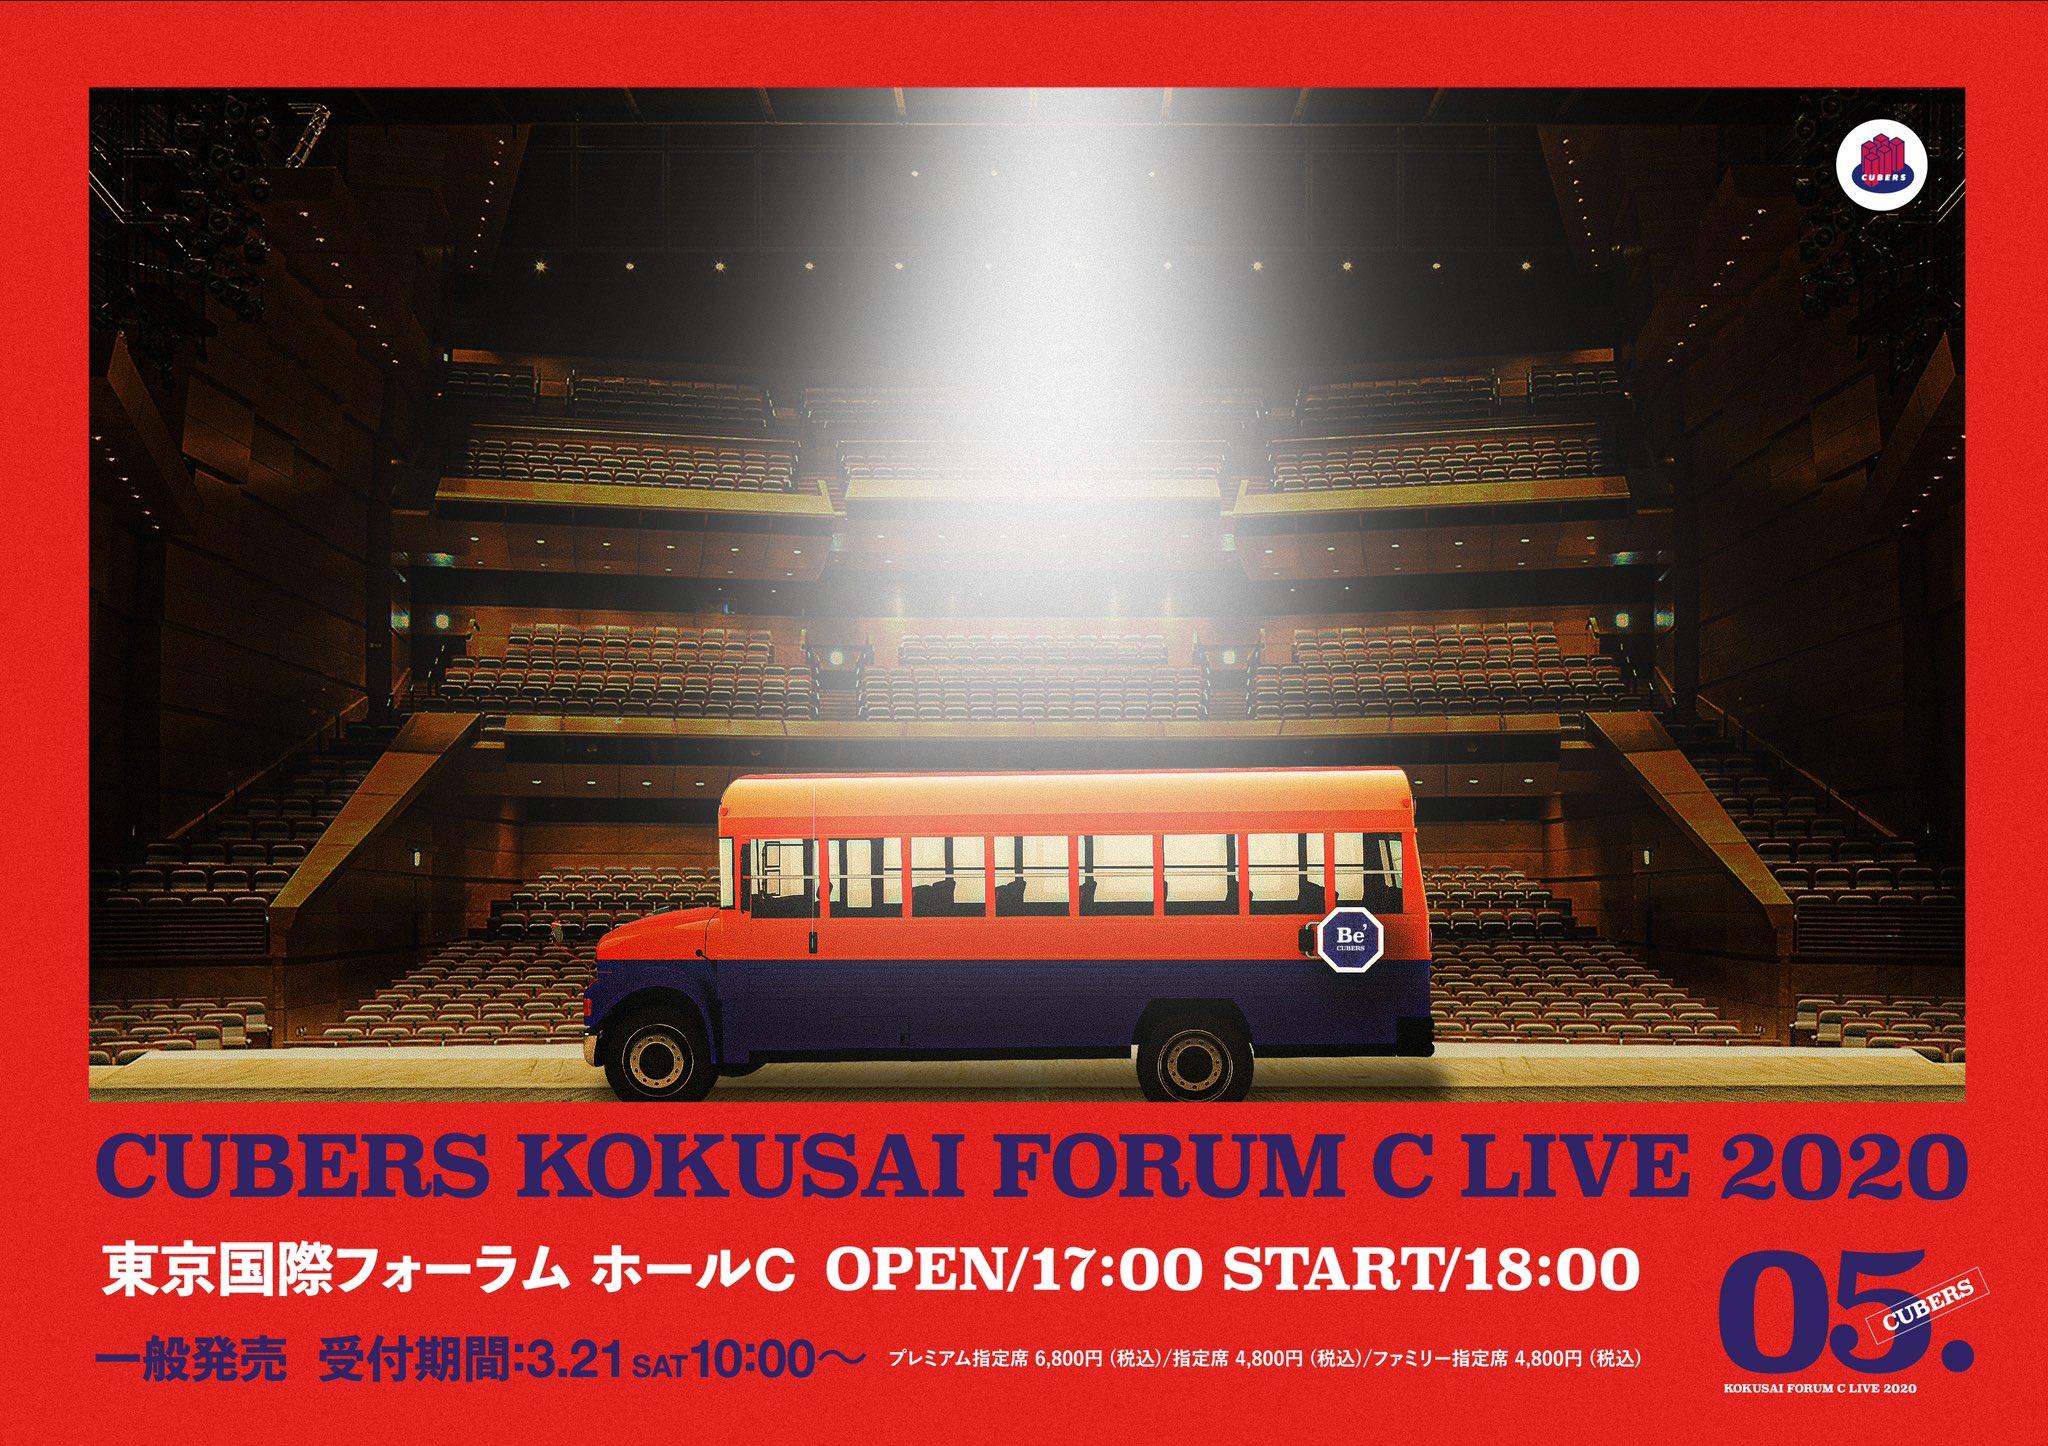 【お知らせ】 5月23日(土)『CUBERS 国際フォーラムC LIVE2020』公演について